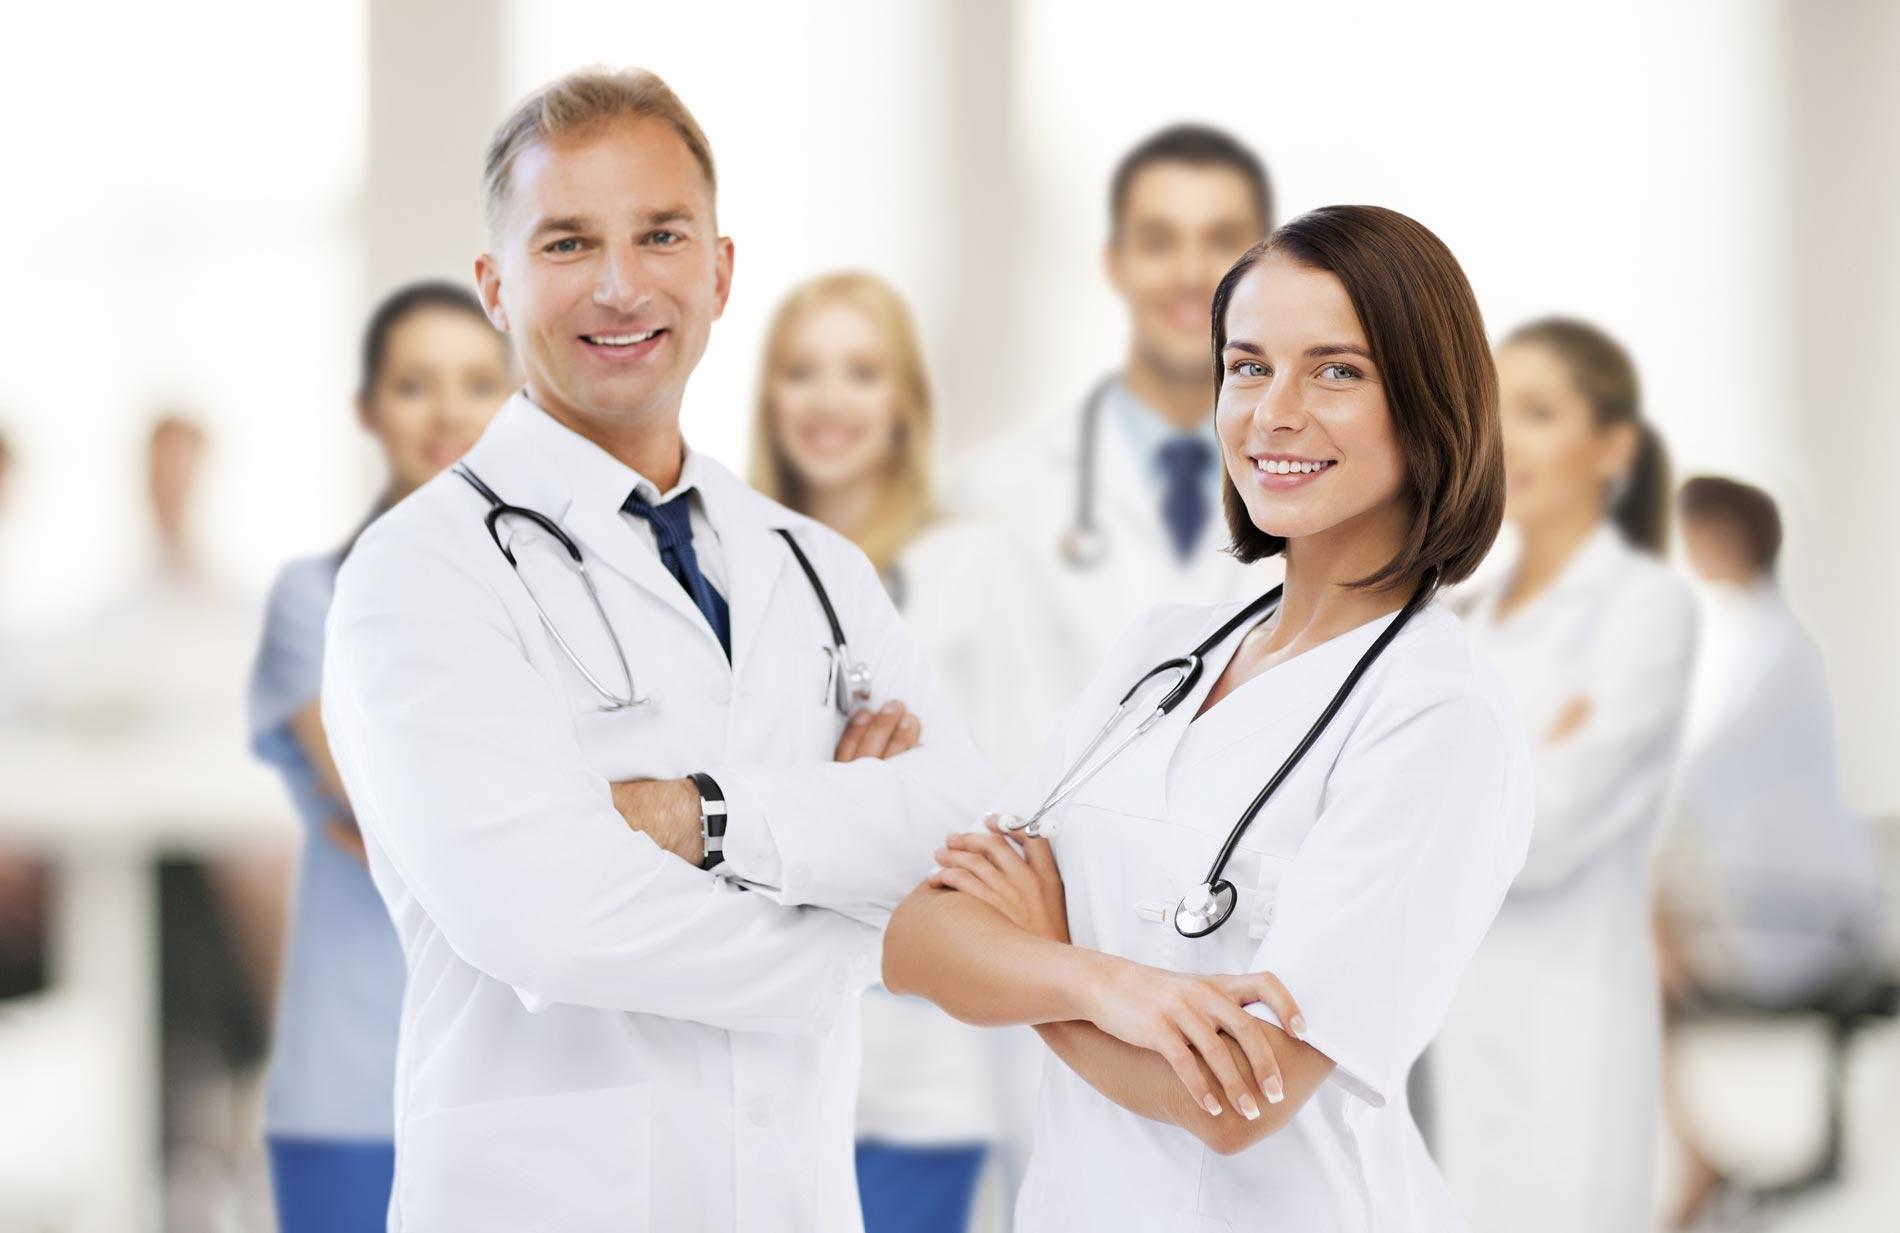 подбор медицинского персонала